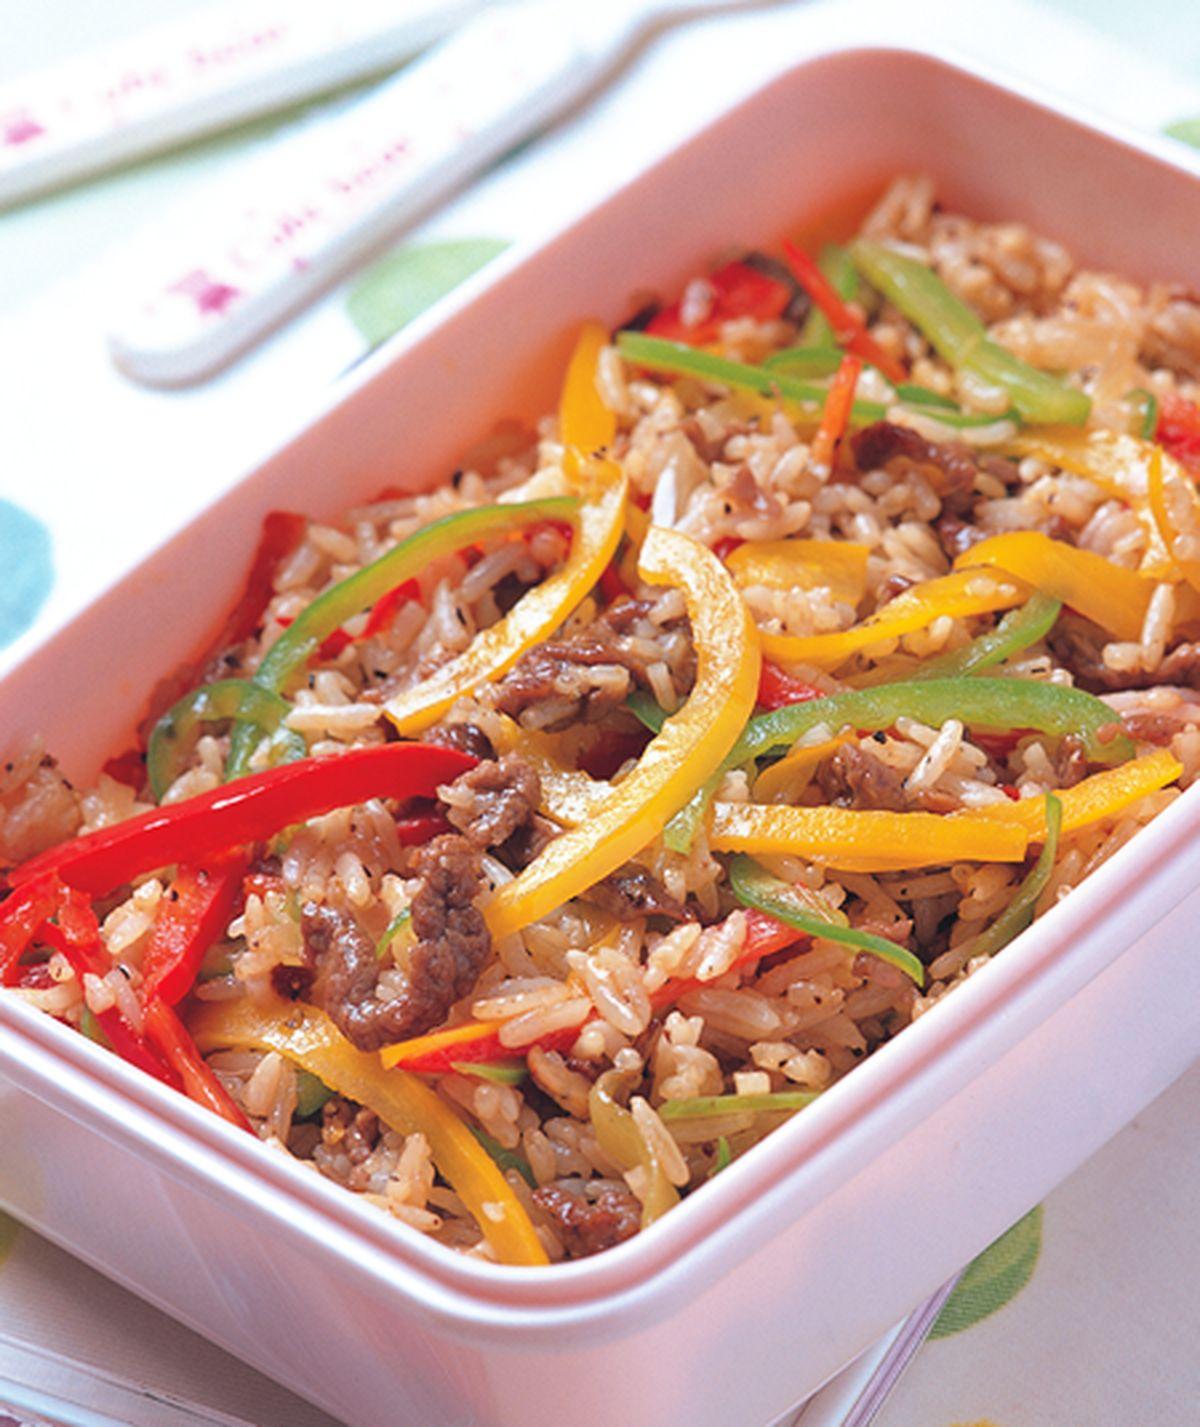 食譜:甜椒牛肉炒飯